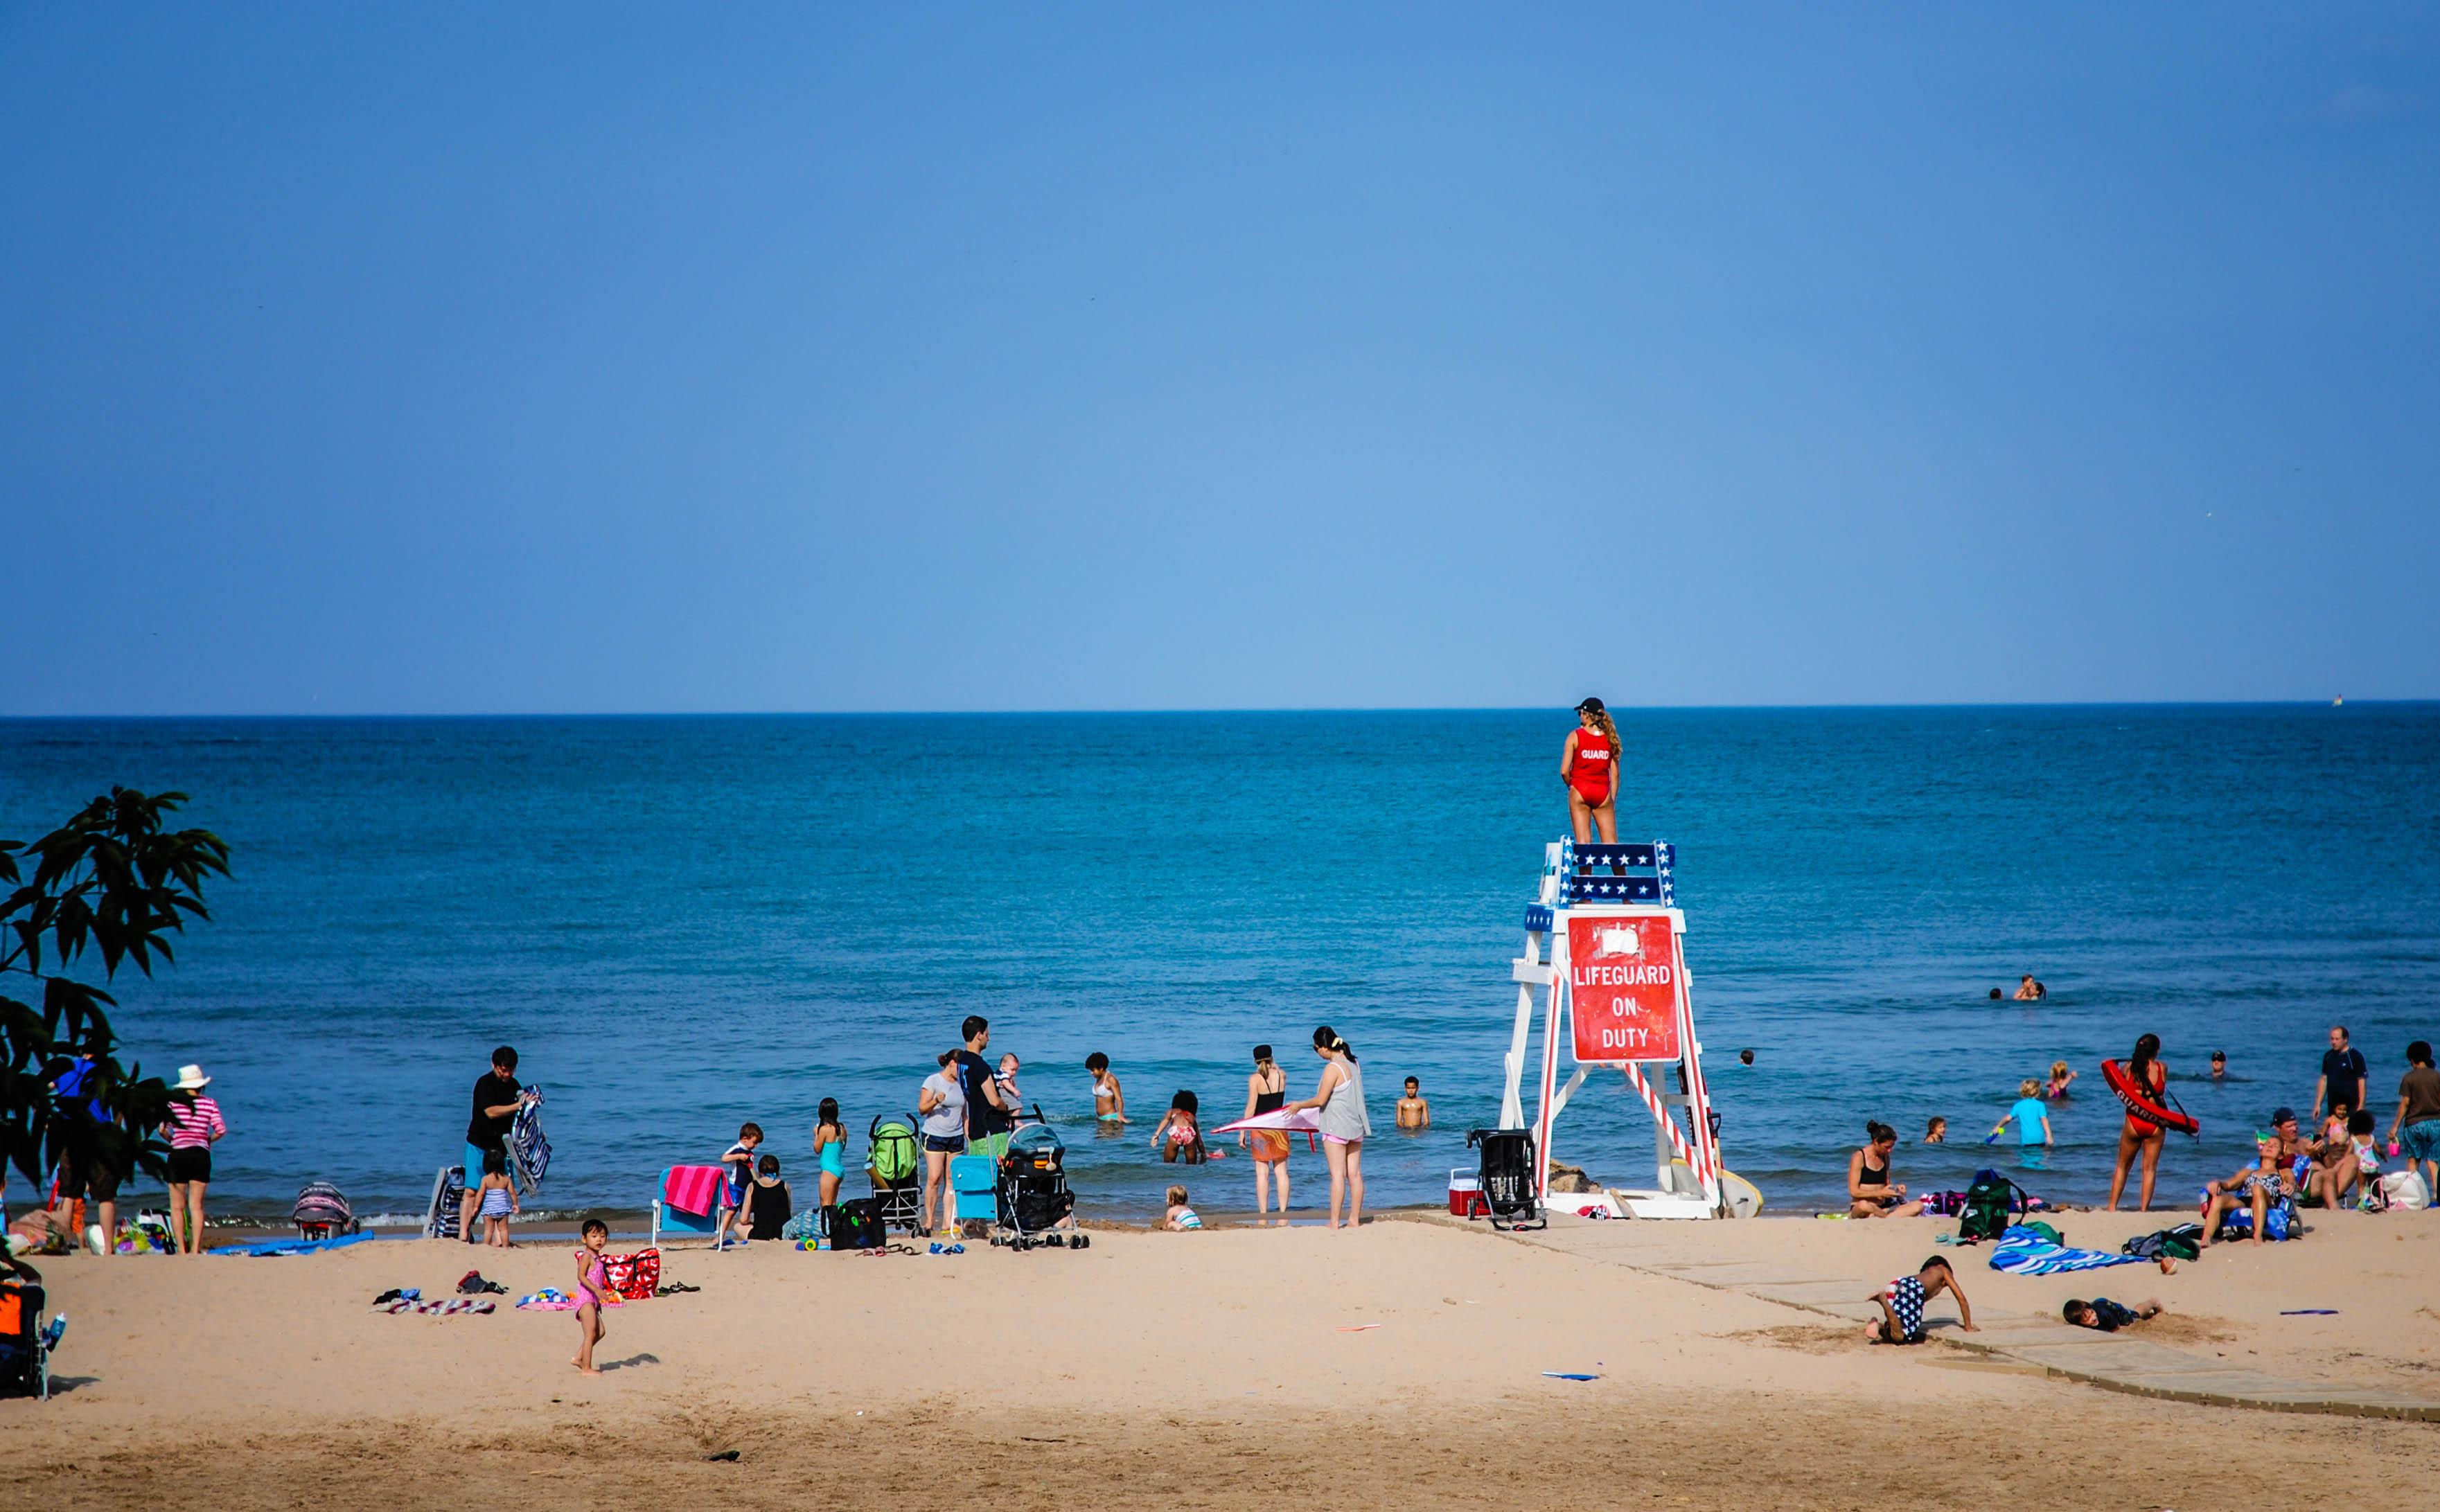 Petycja o zatrudnienie dodatkowych ratowników na plażach nad jeziorem Michigan